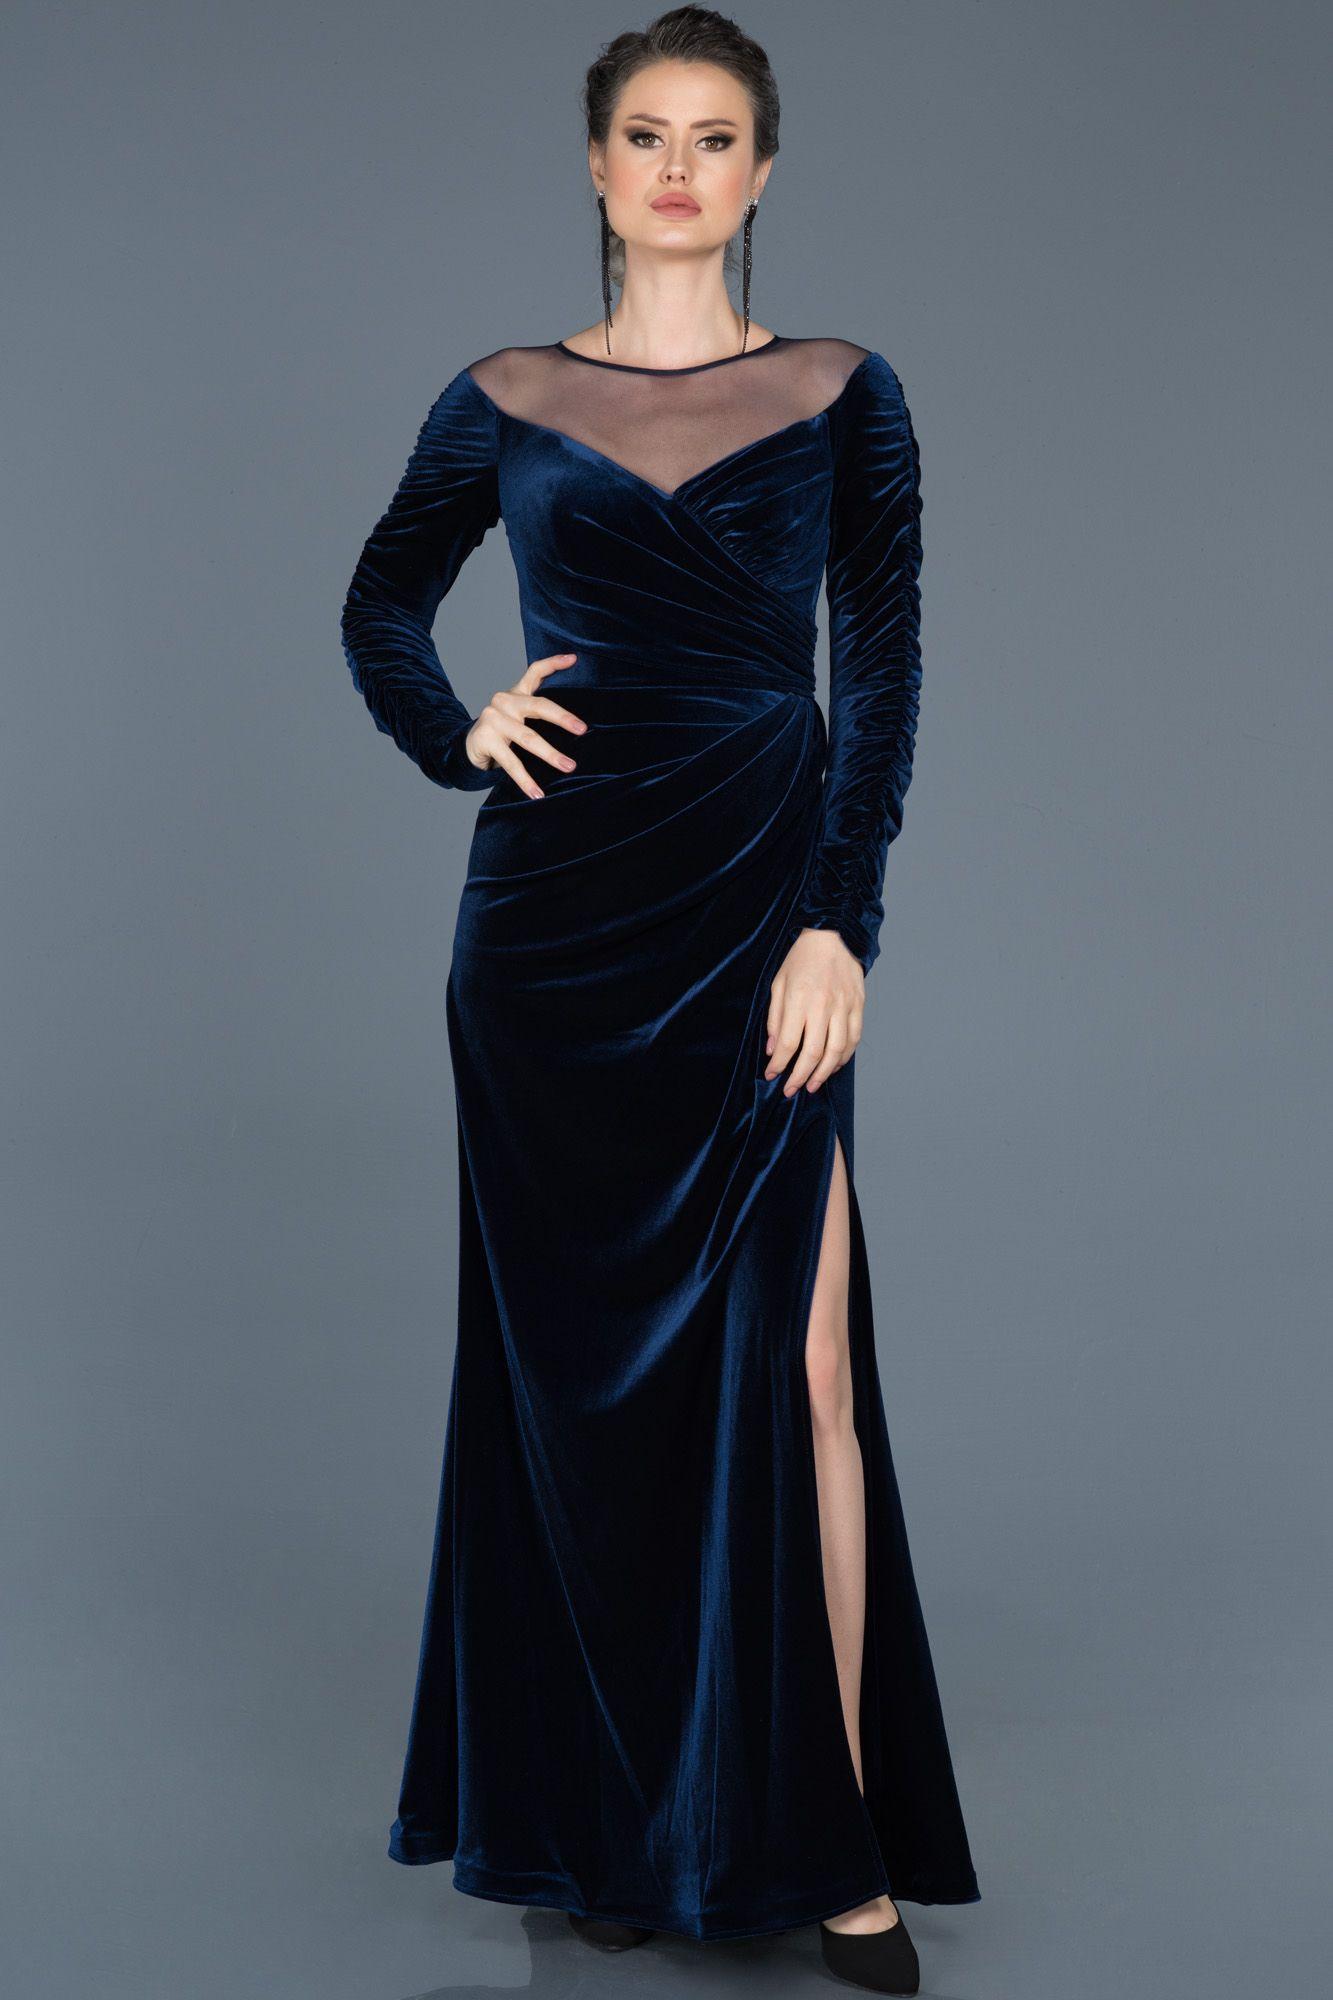 Lacivert Yirtmacli Uzun Kadife Abiye Abu527 Moda Stilleri Elbise The Dress